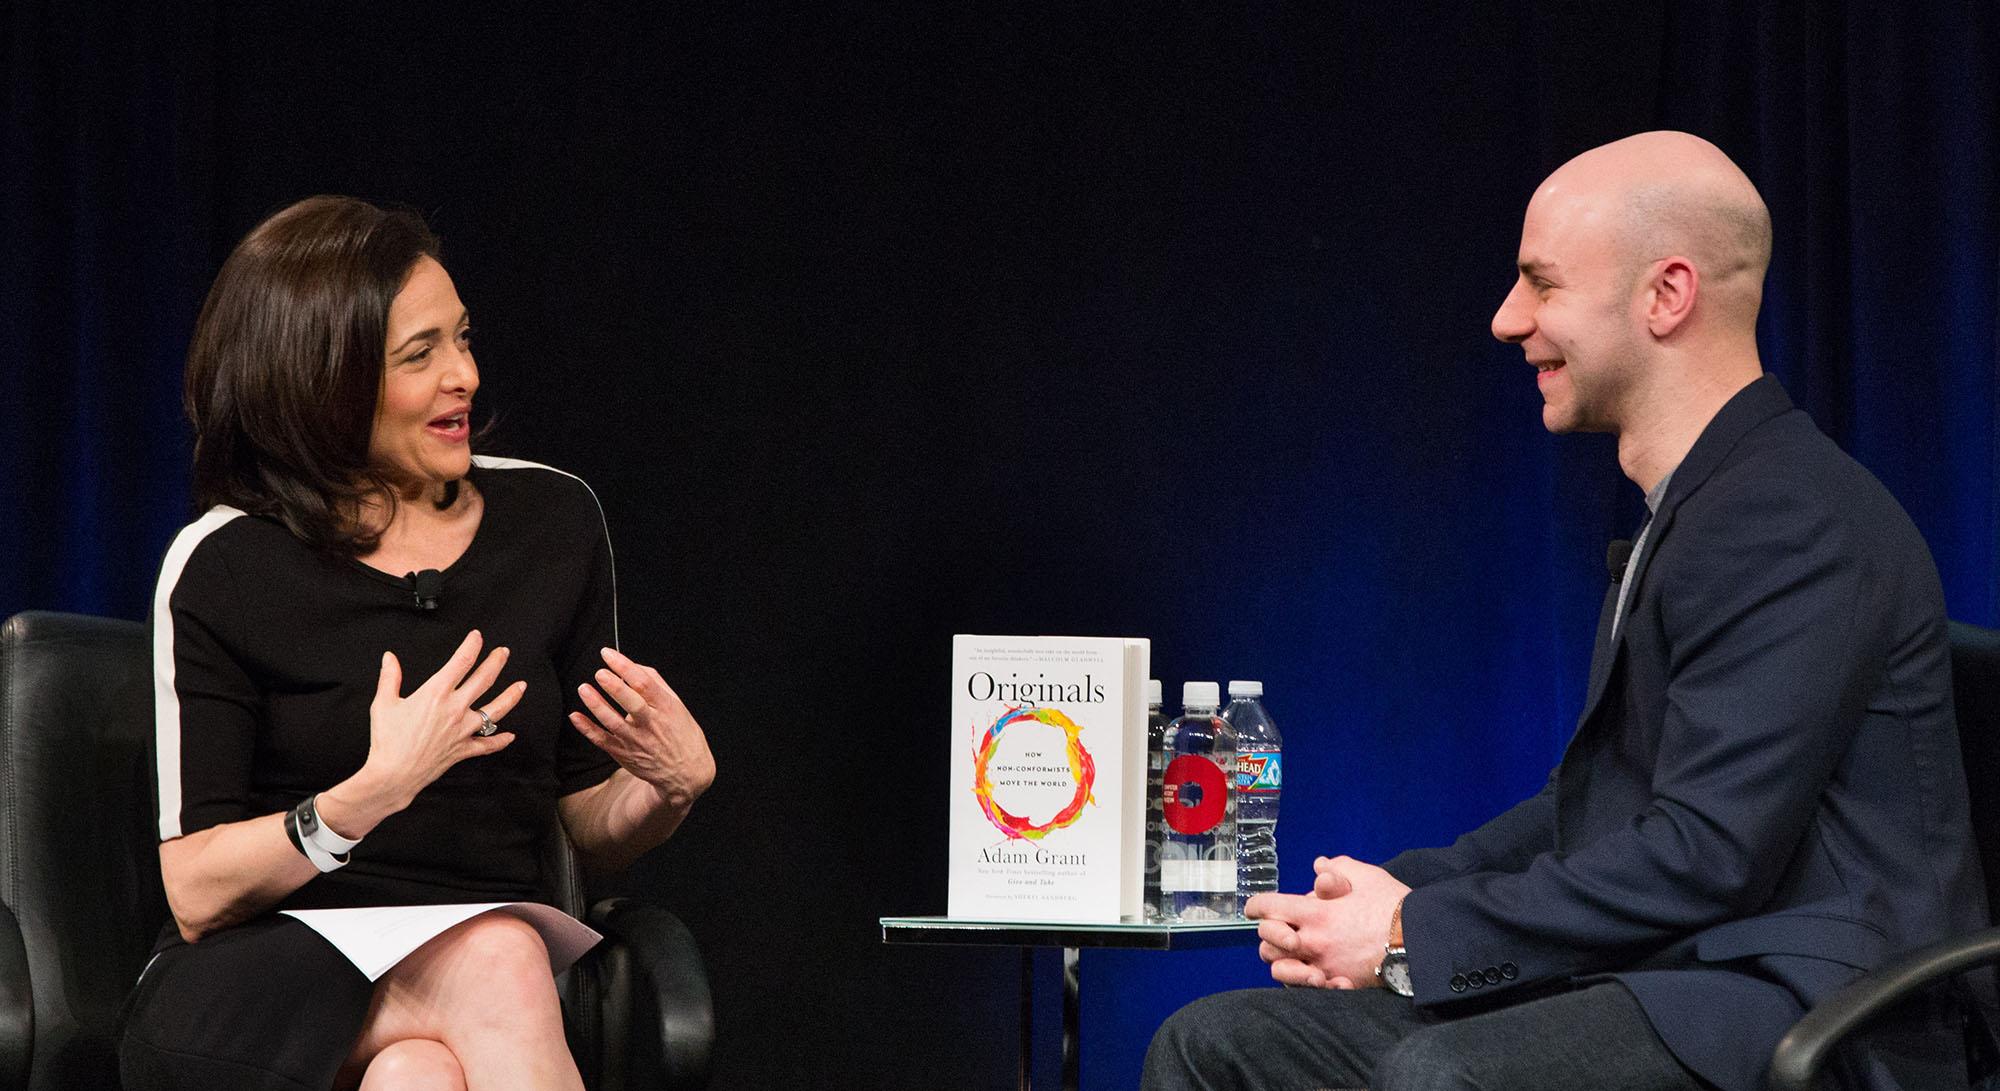 Facebook COO Sheryl Sandberg leads a conversation with author Adam Grant about his book, <em>Originals</em>.